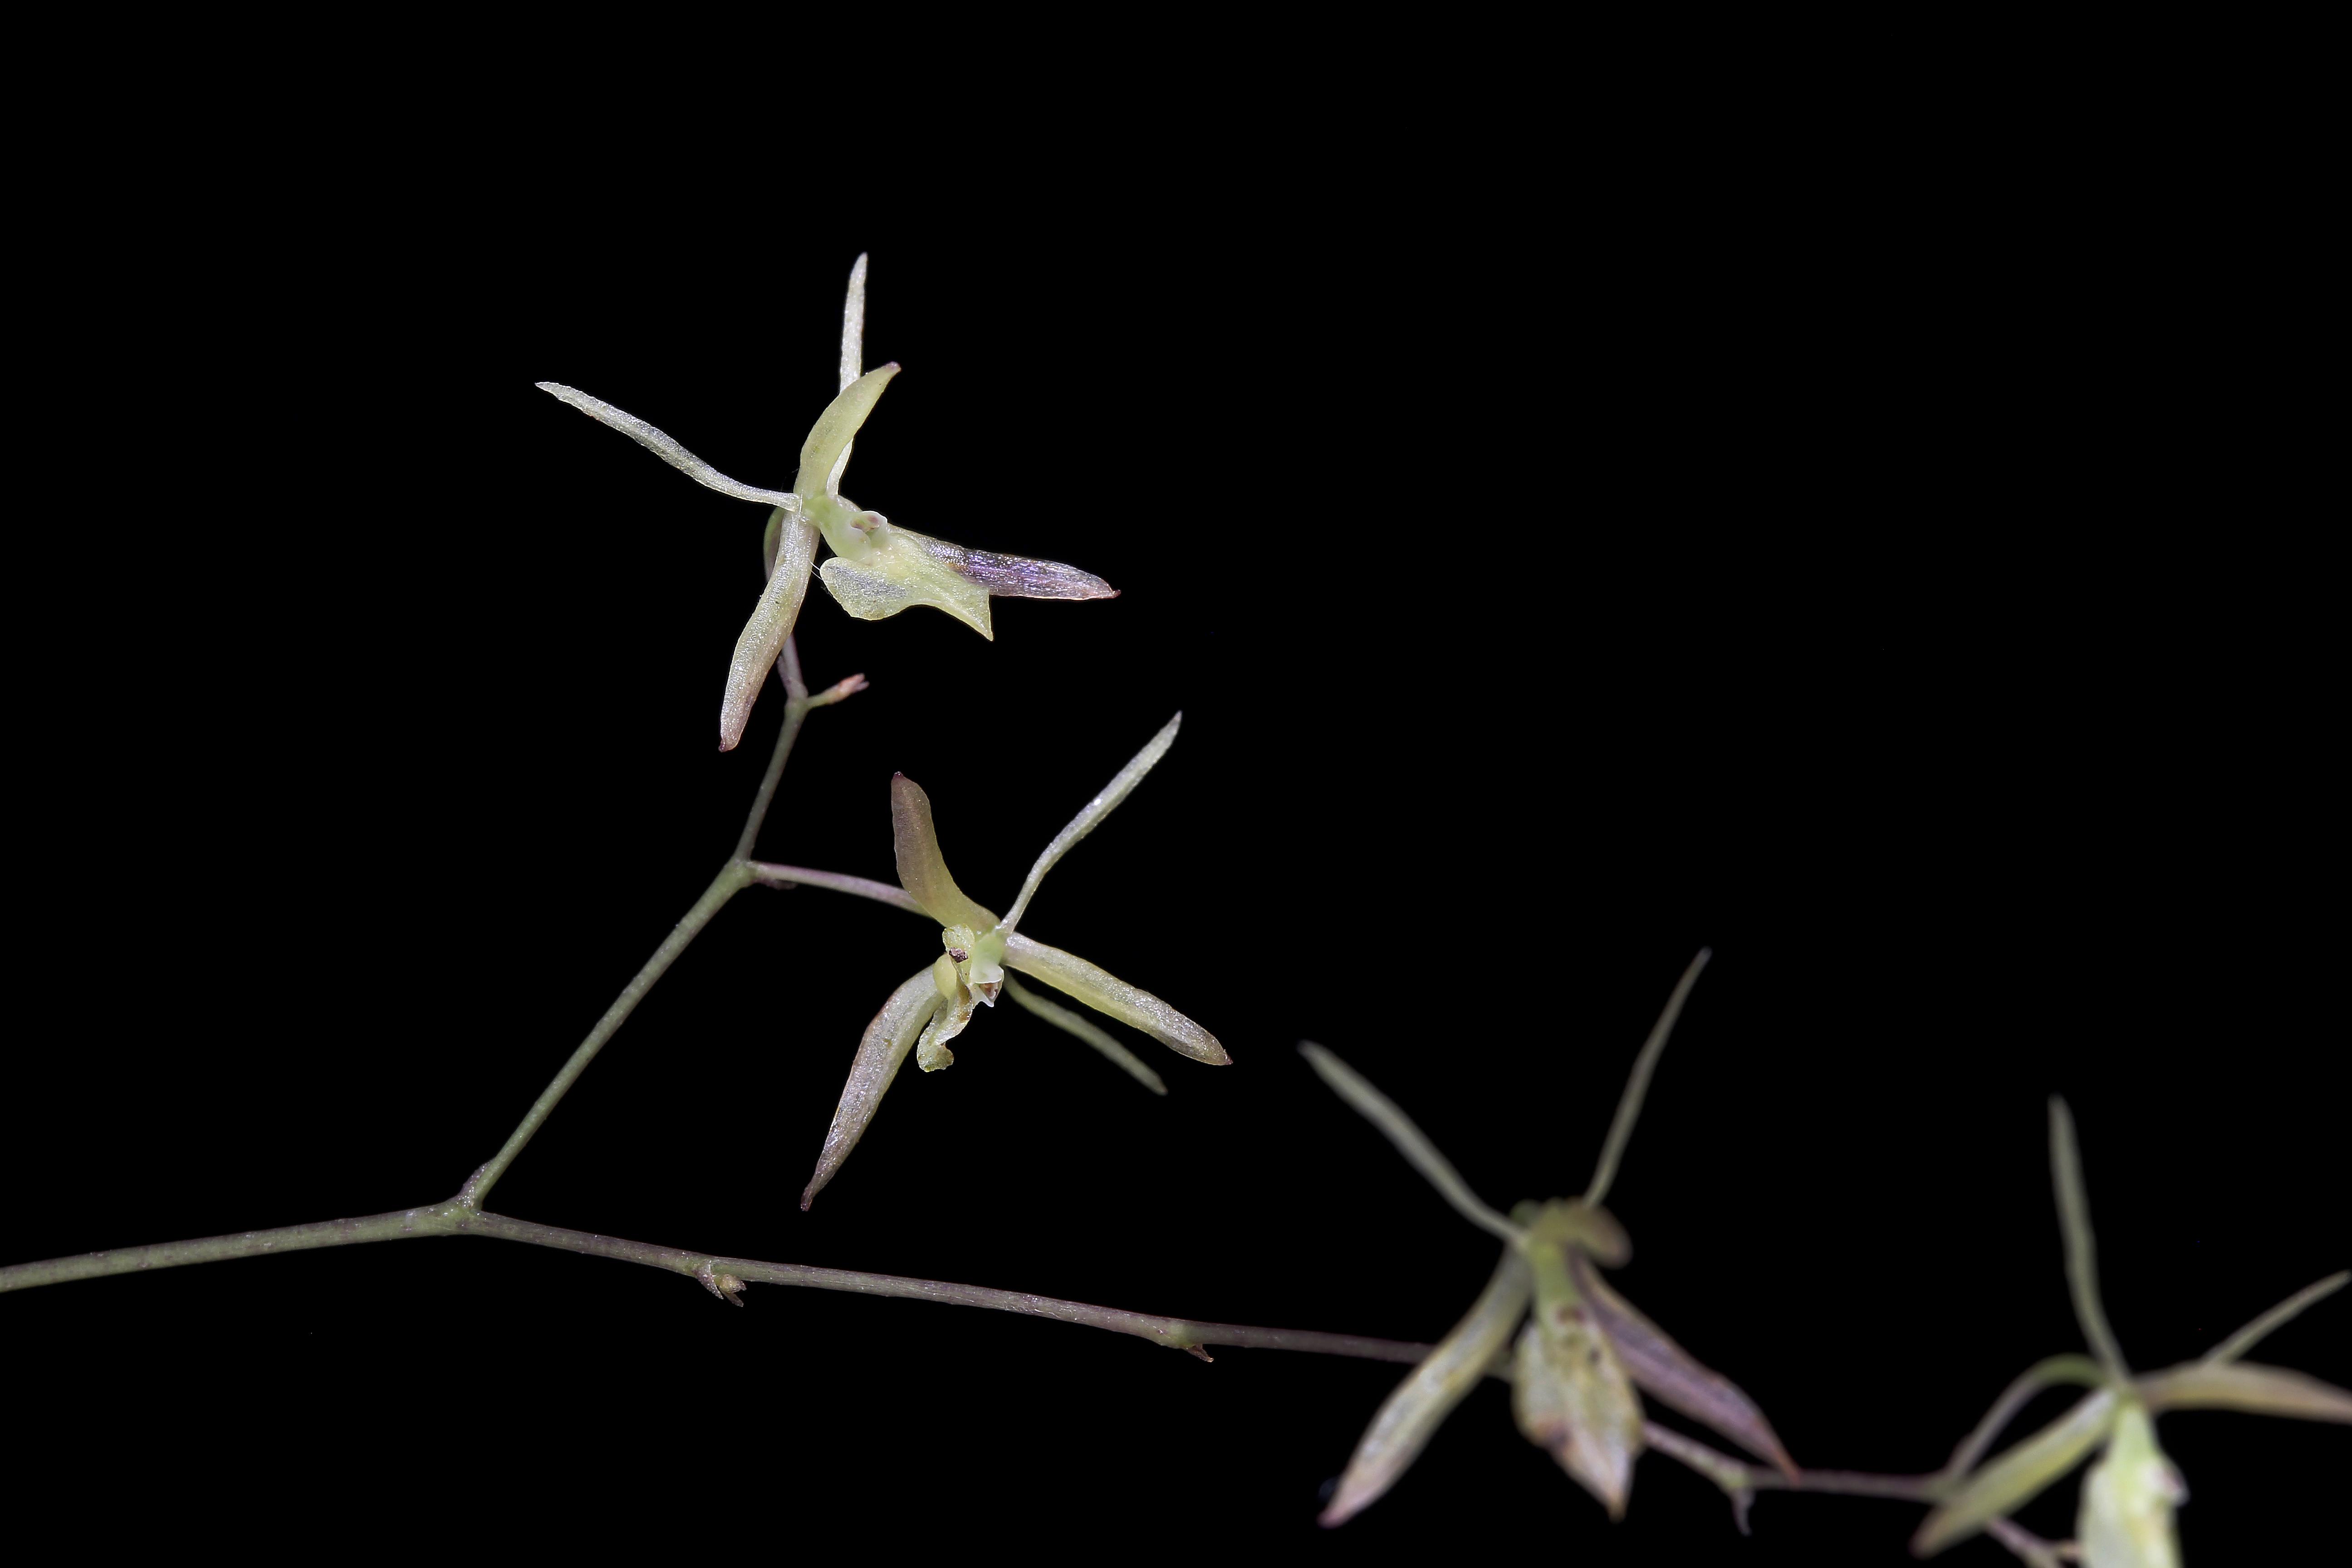 Epidendrum diffusum image